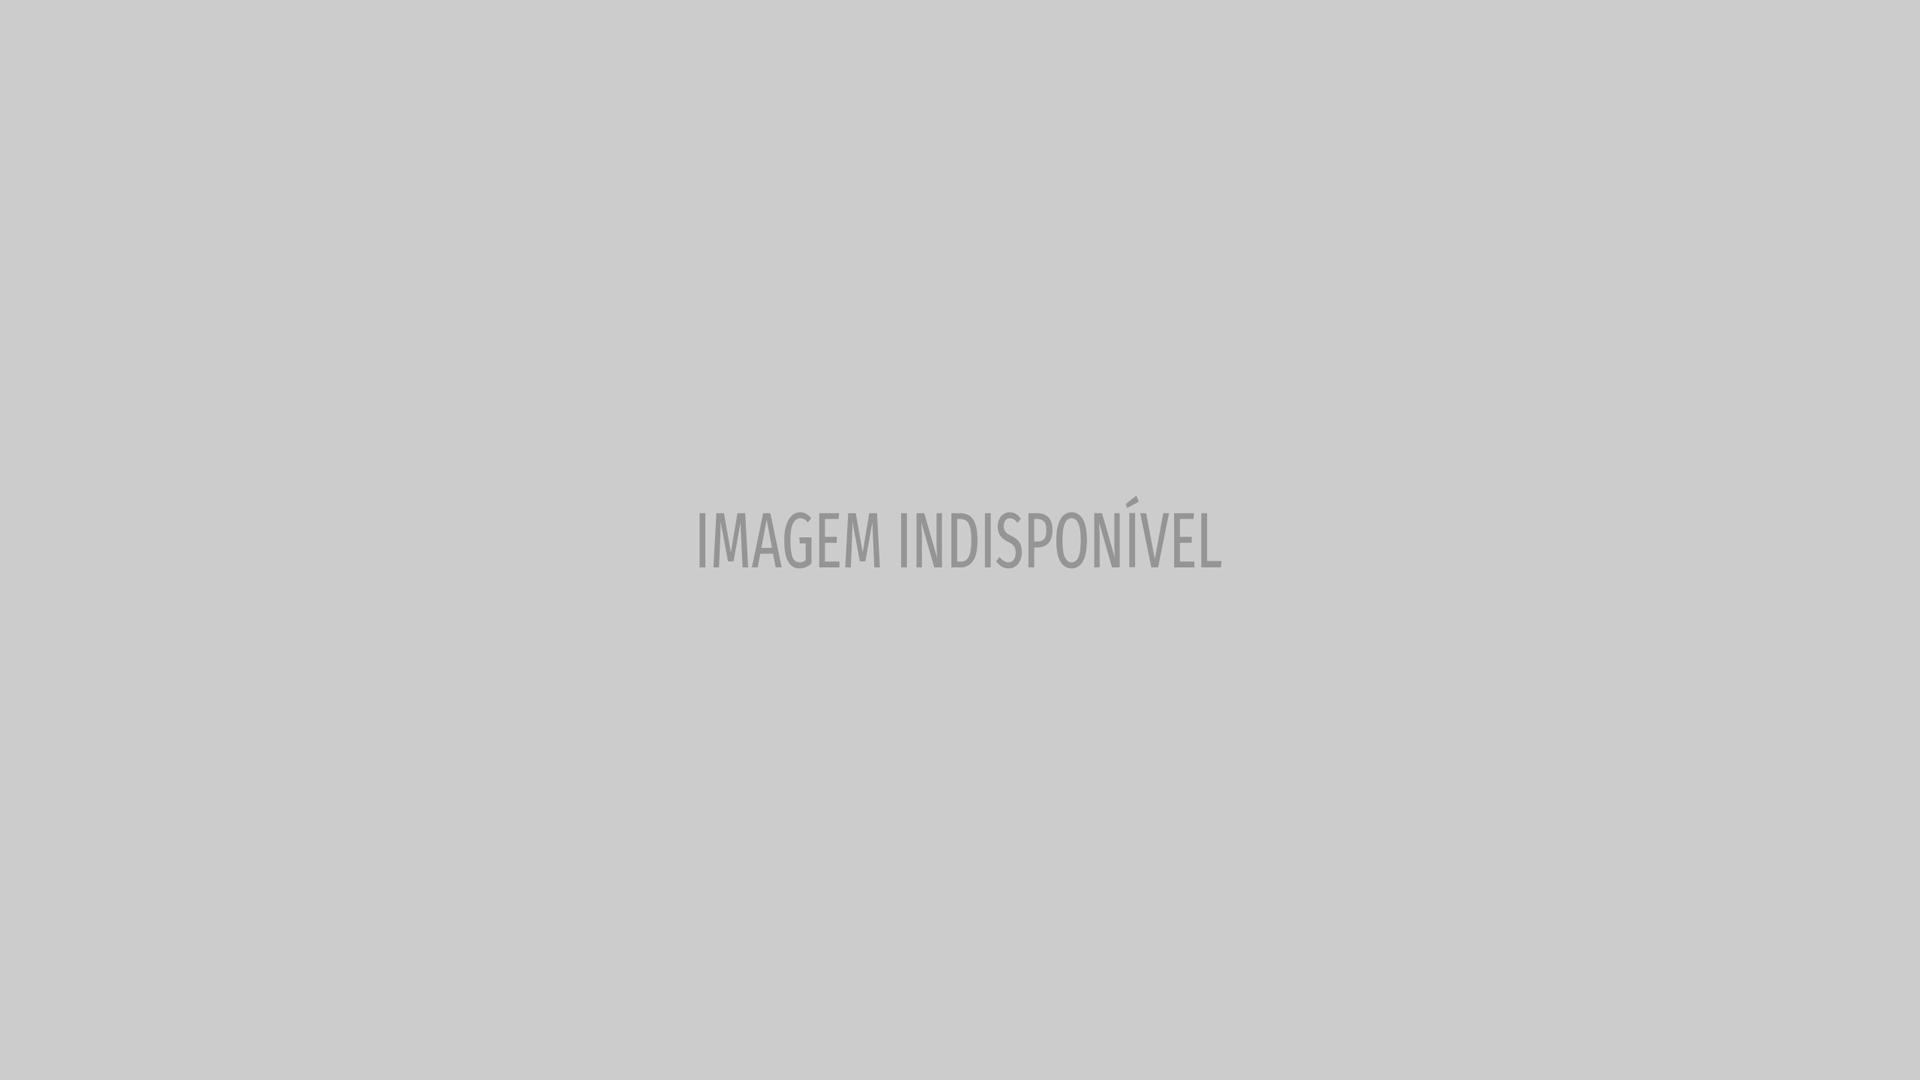 Lutadora do UFC é hospitalizada após supostas agressões do marido